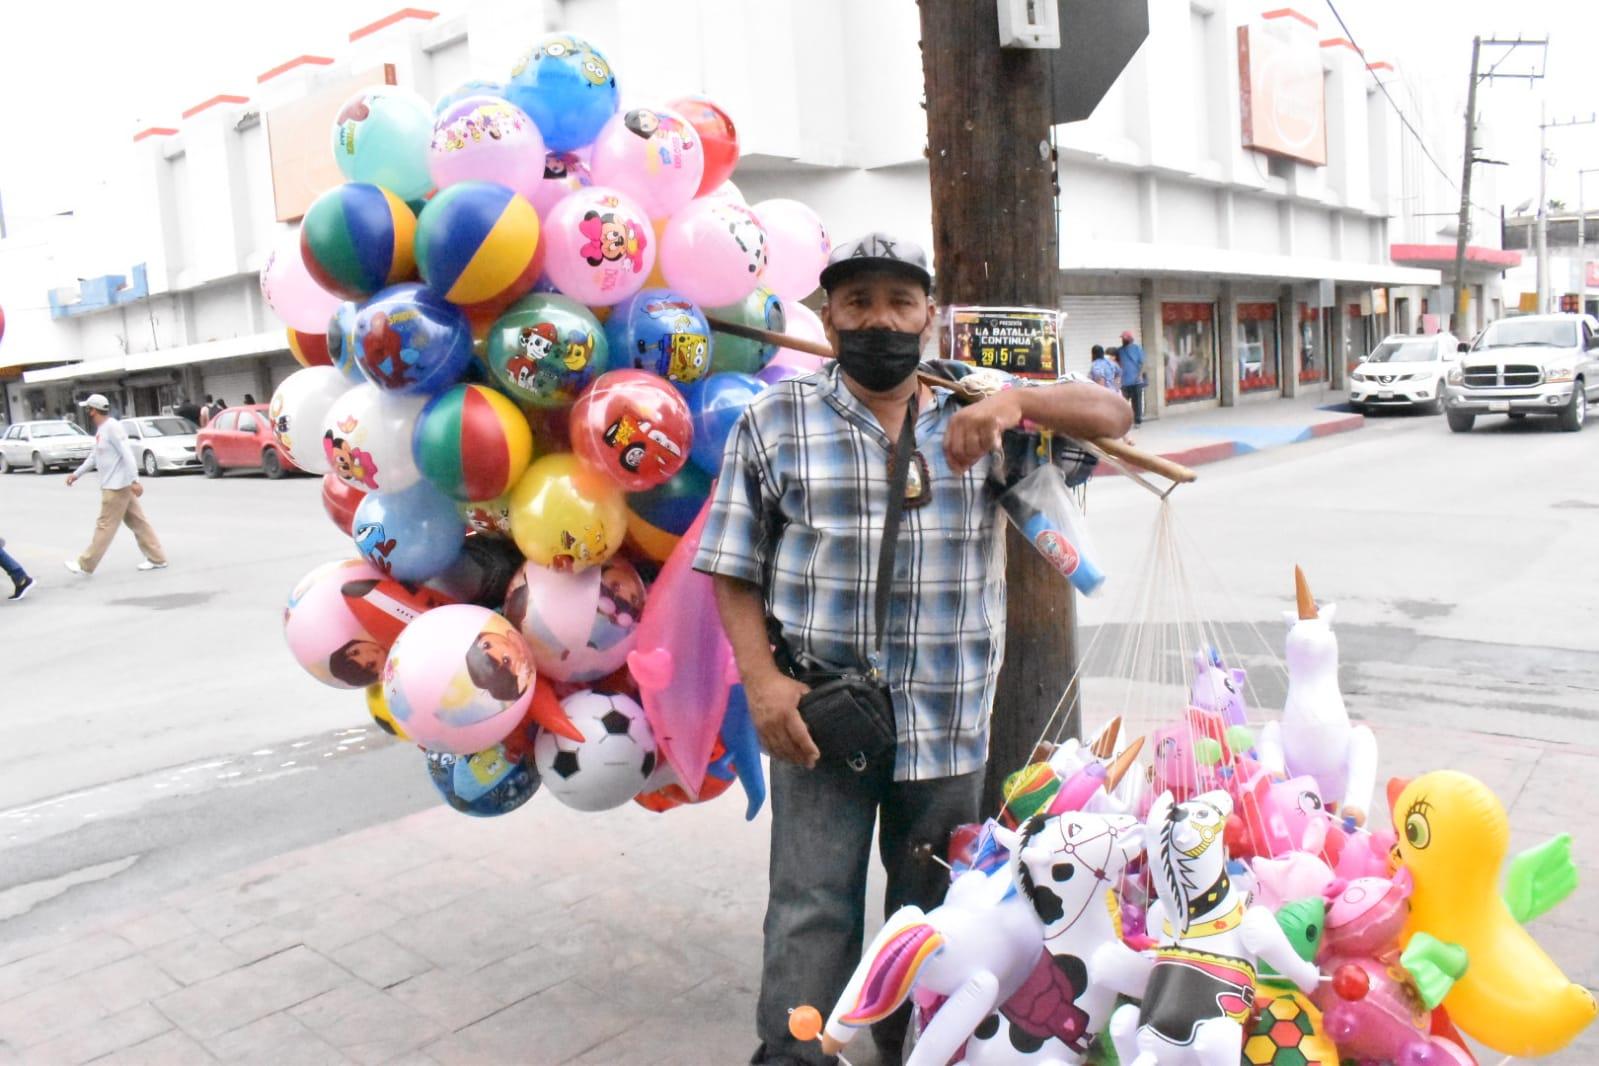 Volvió a Monclova la atracción y el colorido de los globos para los infantes